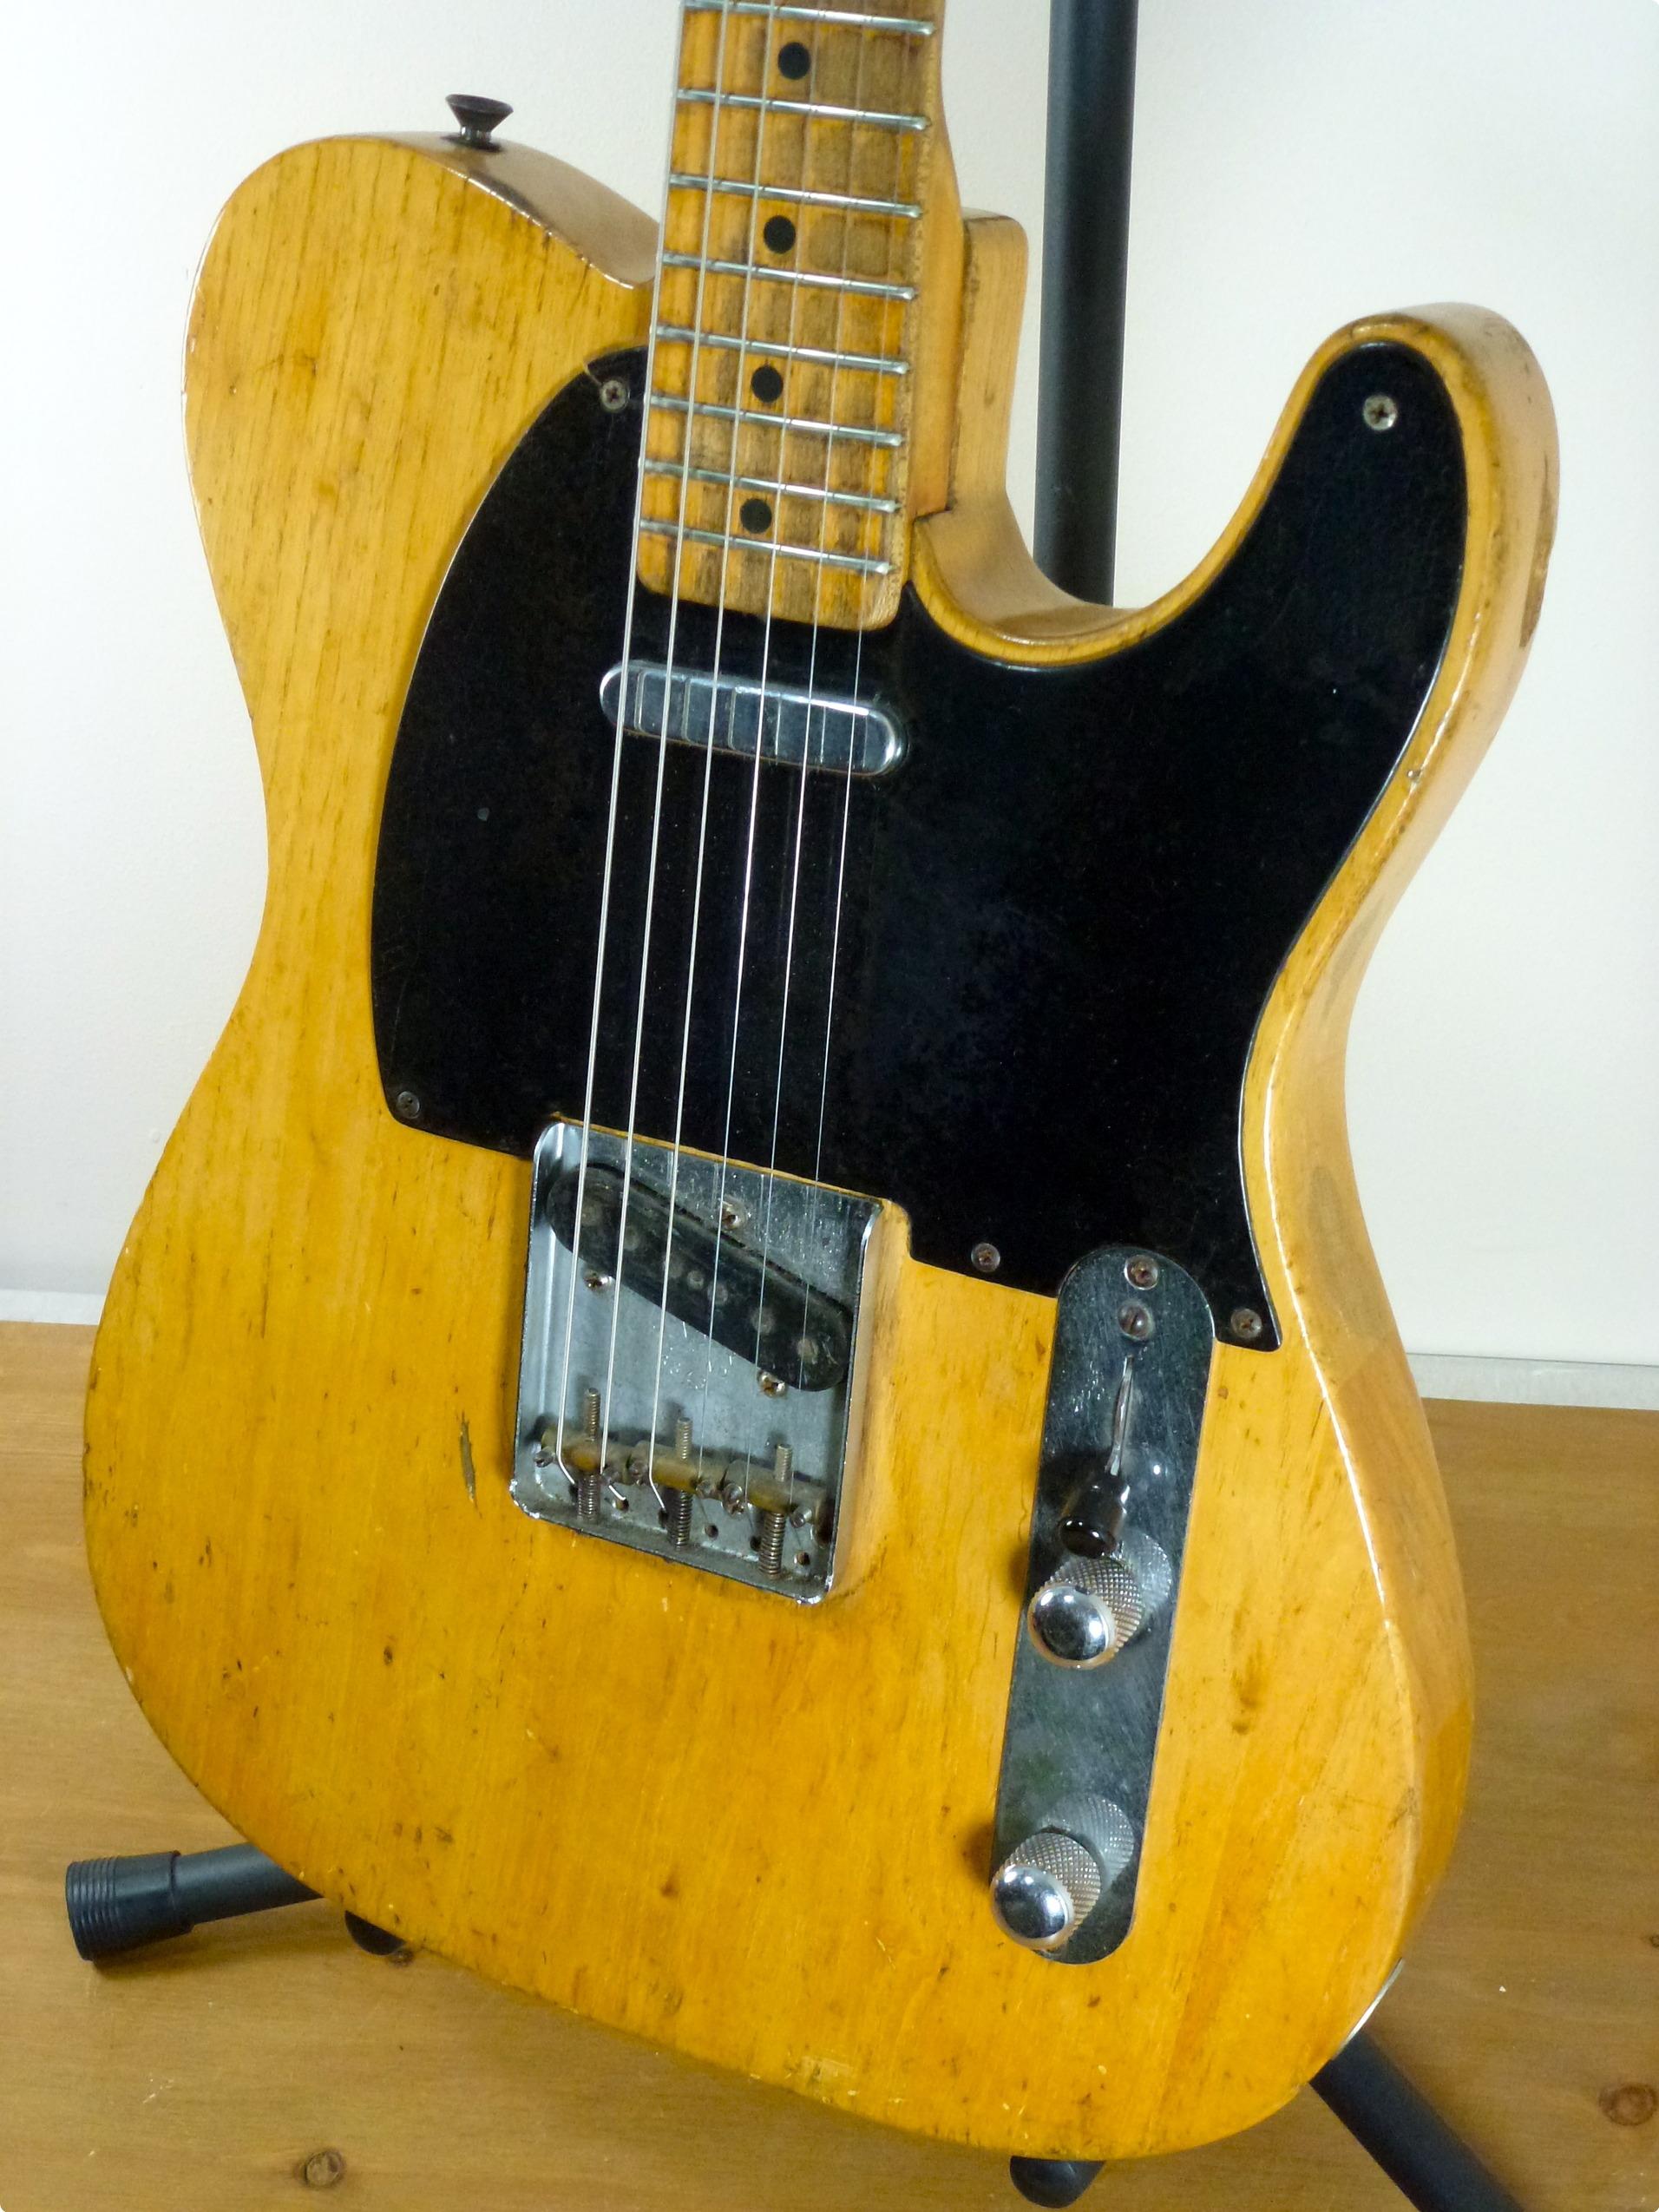 fender telecaster 1953 natural guitar for sale rock stars guitars. Black Bedroom Furniture Sets. Home Design Ideas